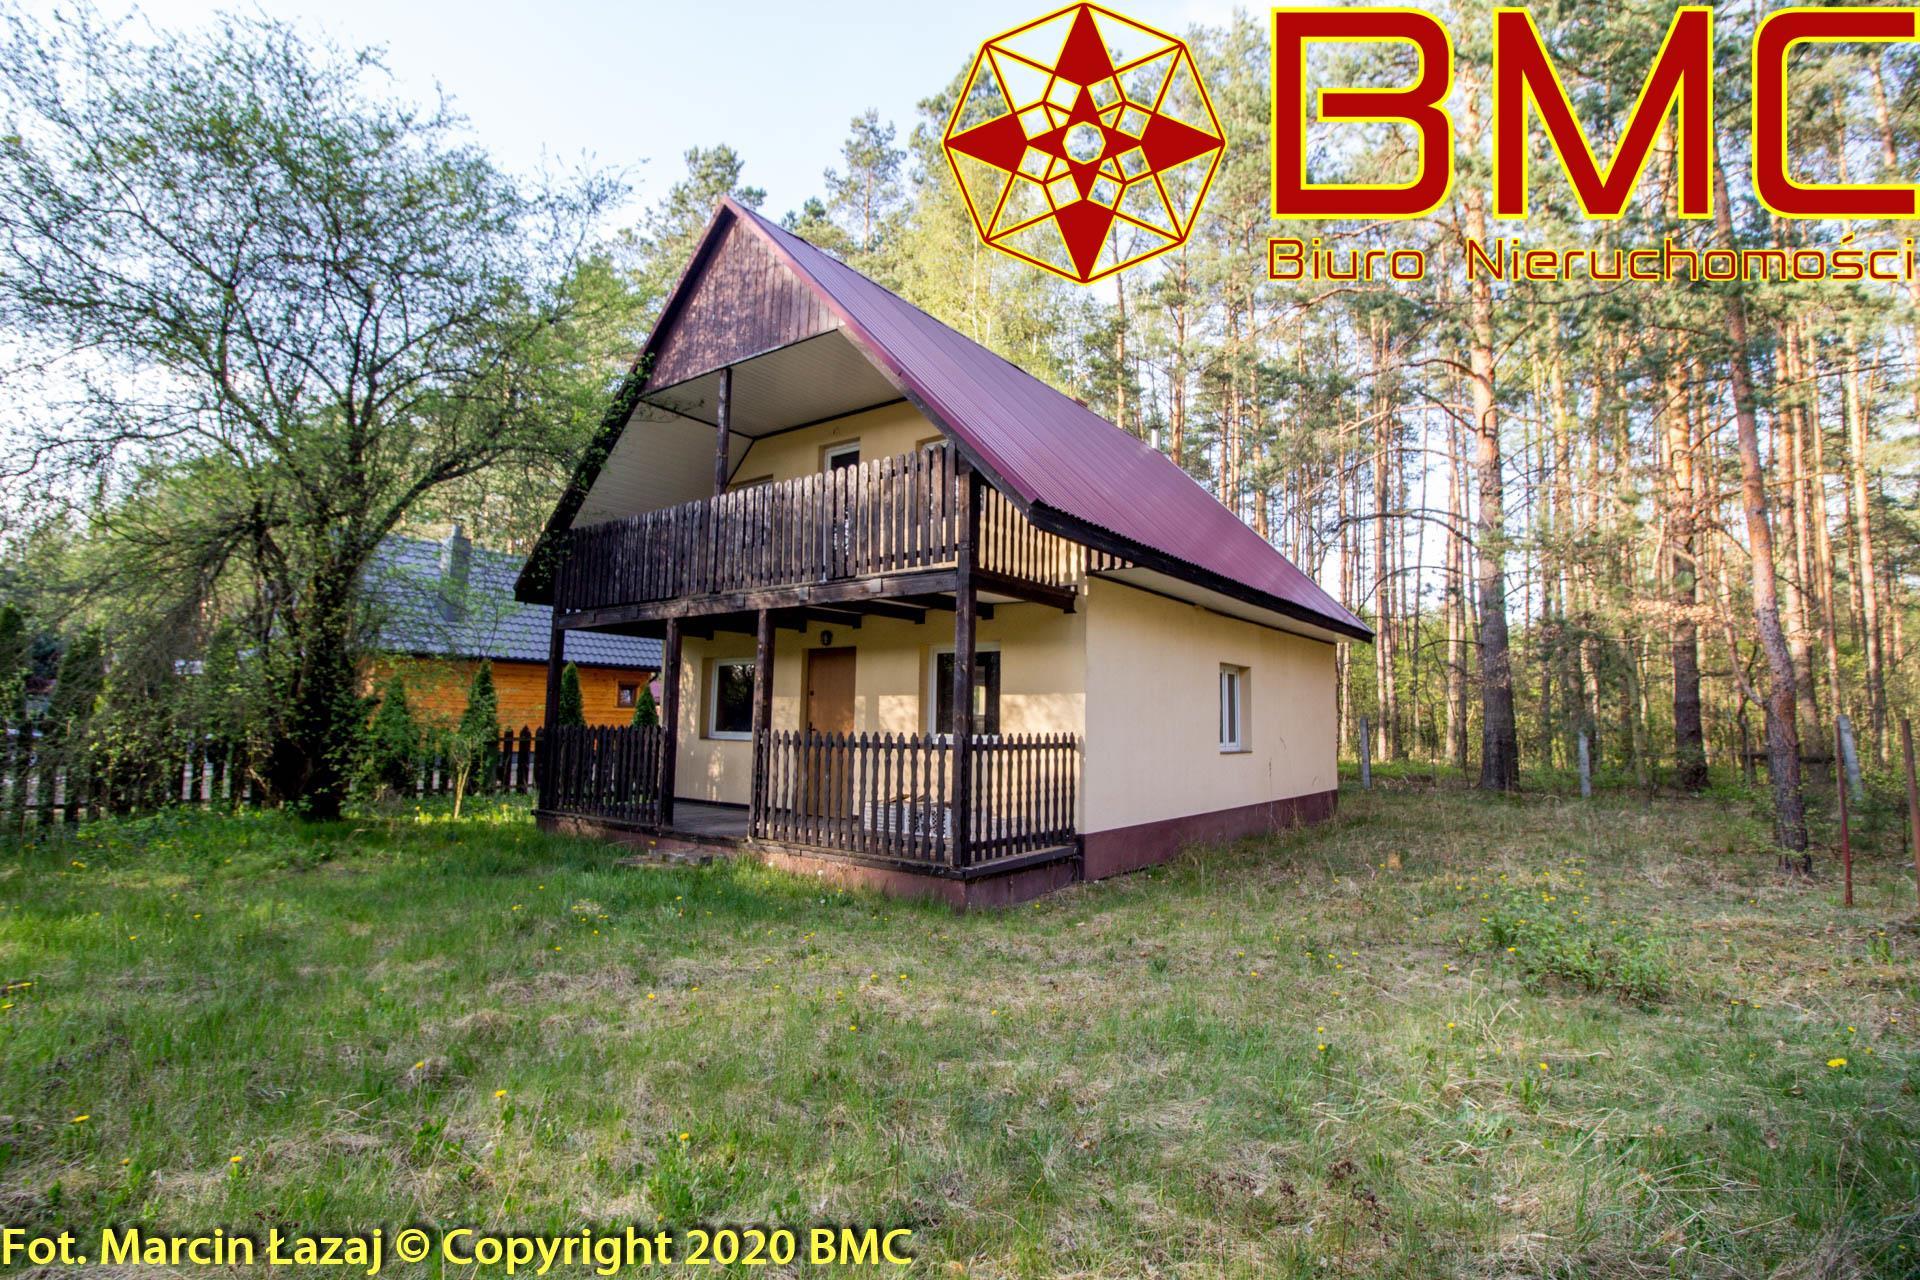 Nieruchomość Dom sprzedaż Lubliniec Domek rekreacyjny w Kokotku przy samym lesie1